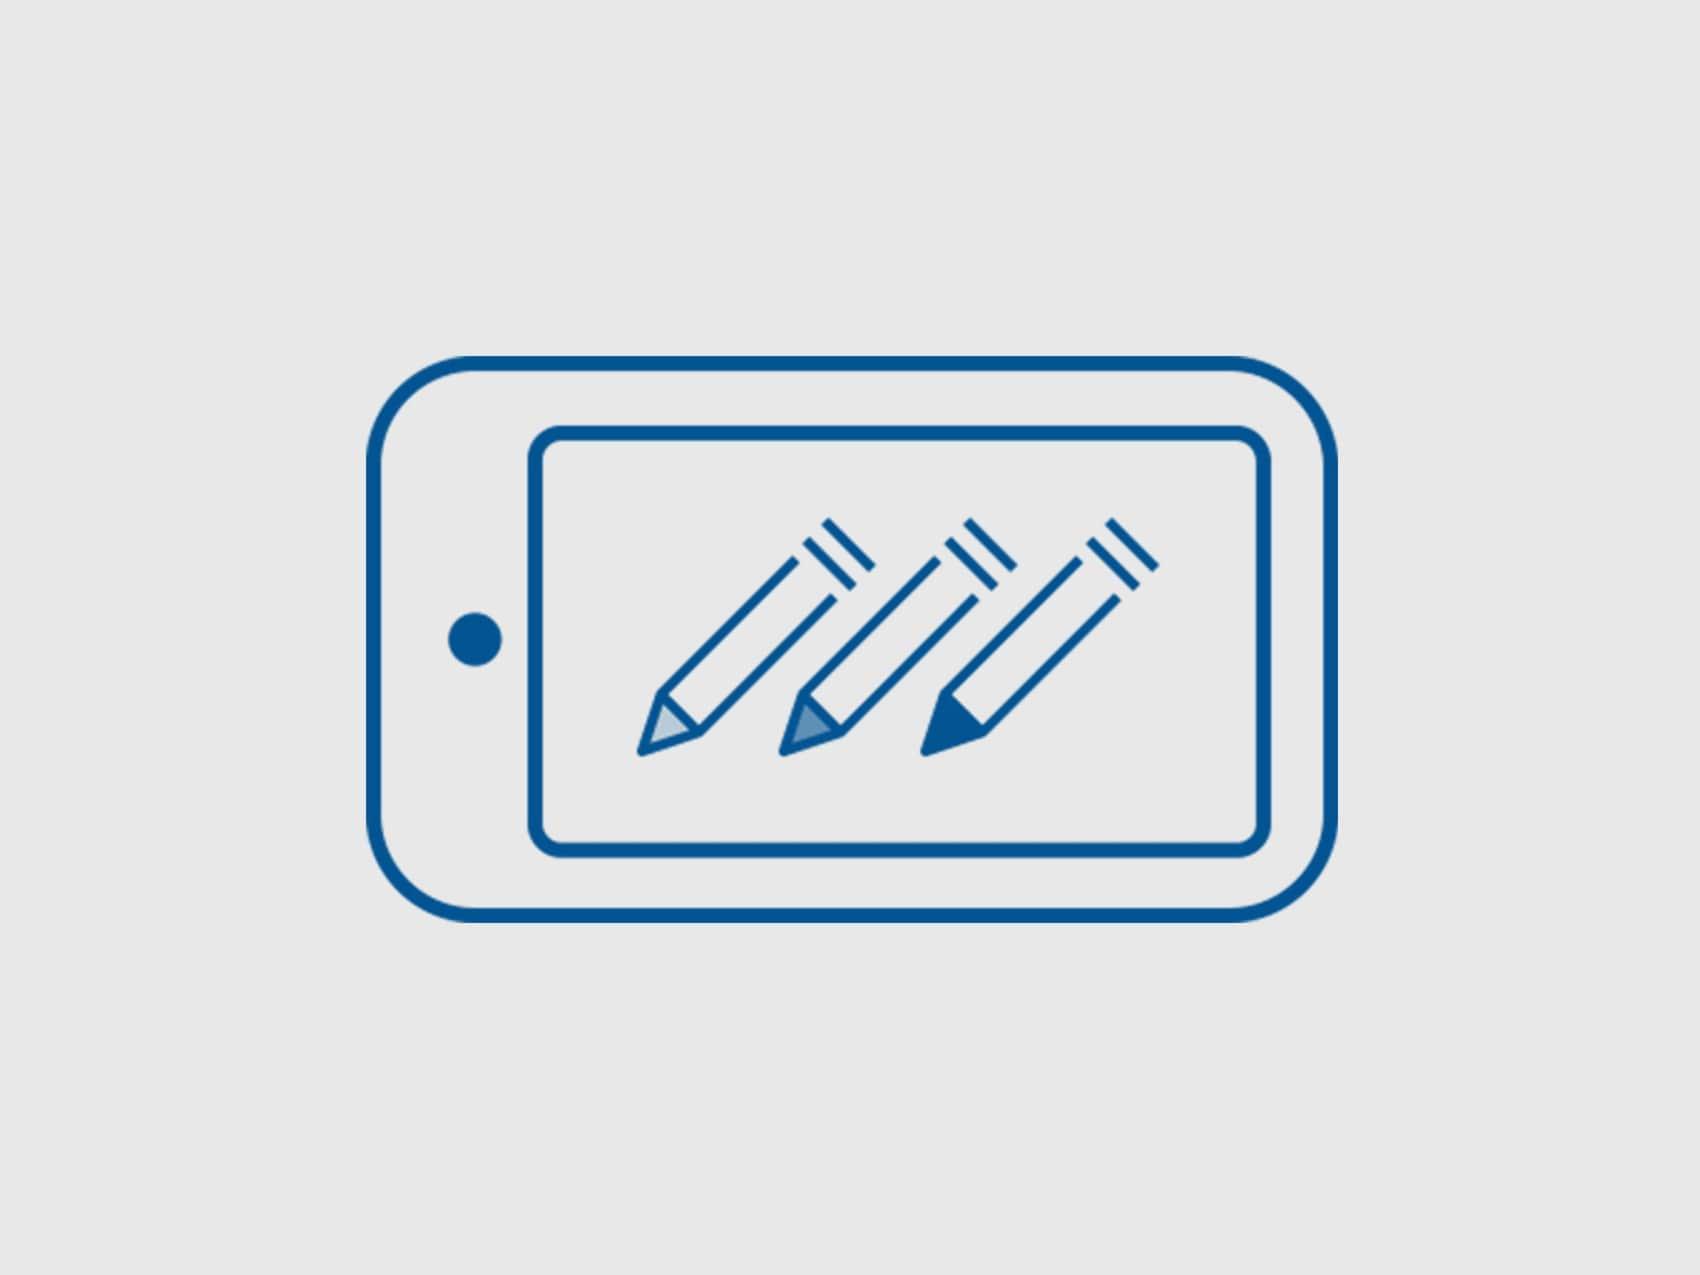 Icono personalizable s4b